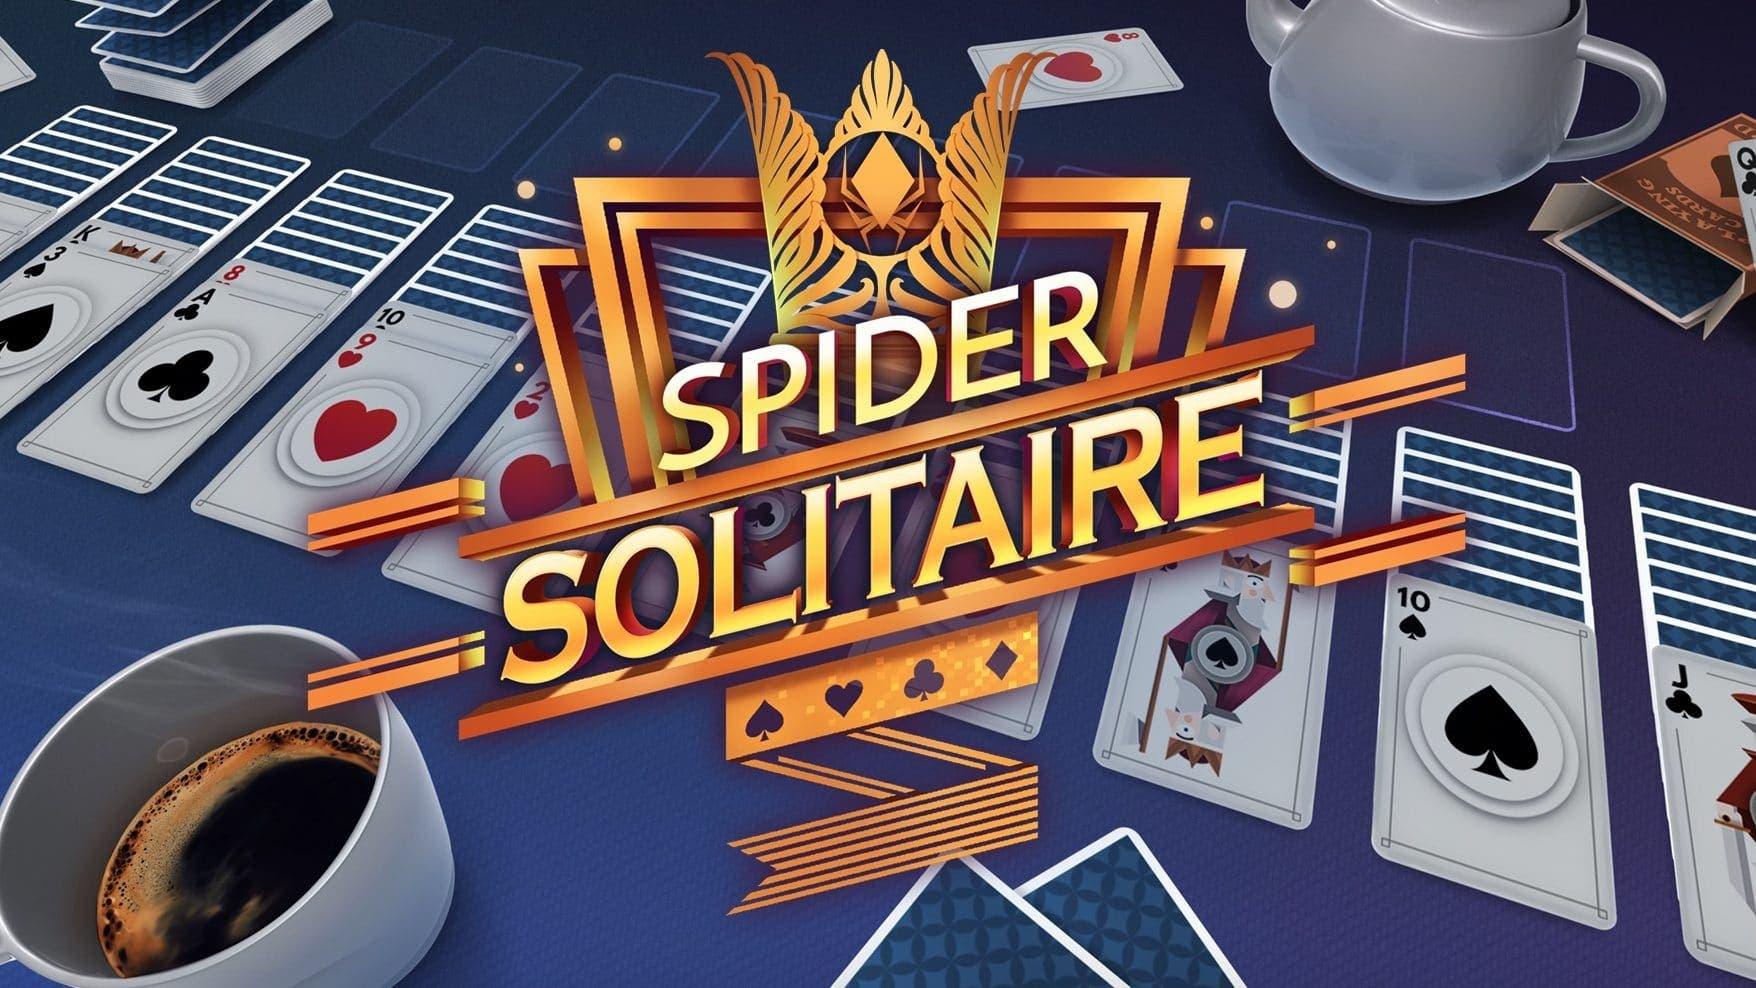 Spider Solitaire, de Baltoro Games, llegará a Nintendo Switch el próximo 17 de enero